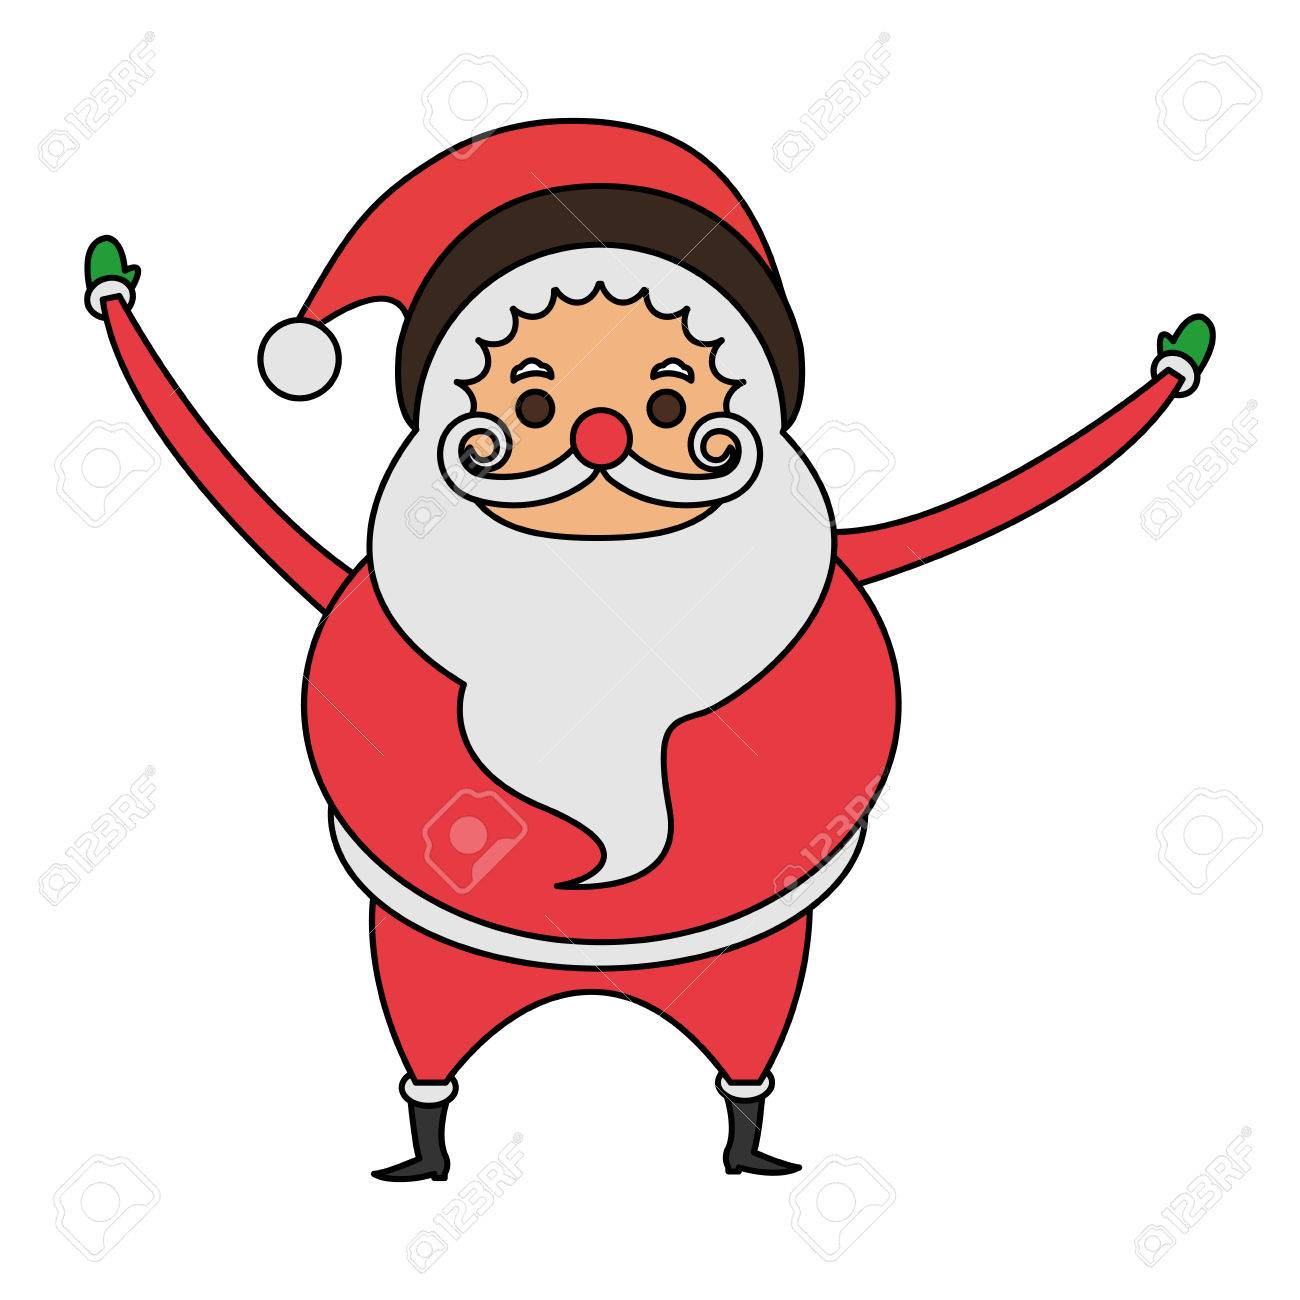 Color Imagen Dibujos Animados Cuerpo Lleno De Grasa Santa Claus